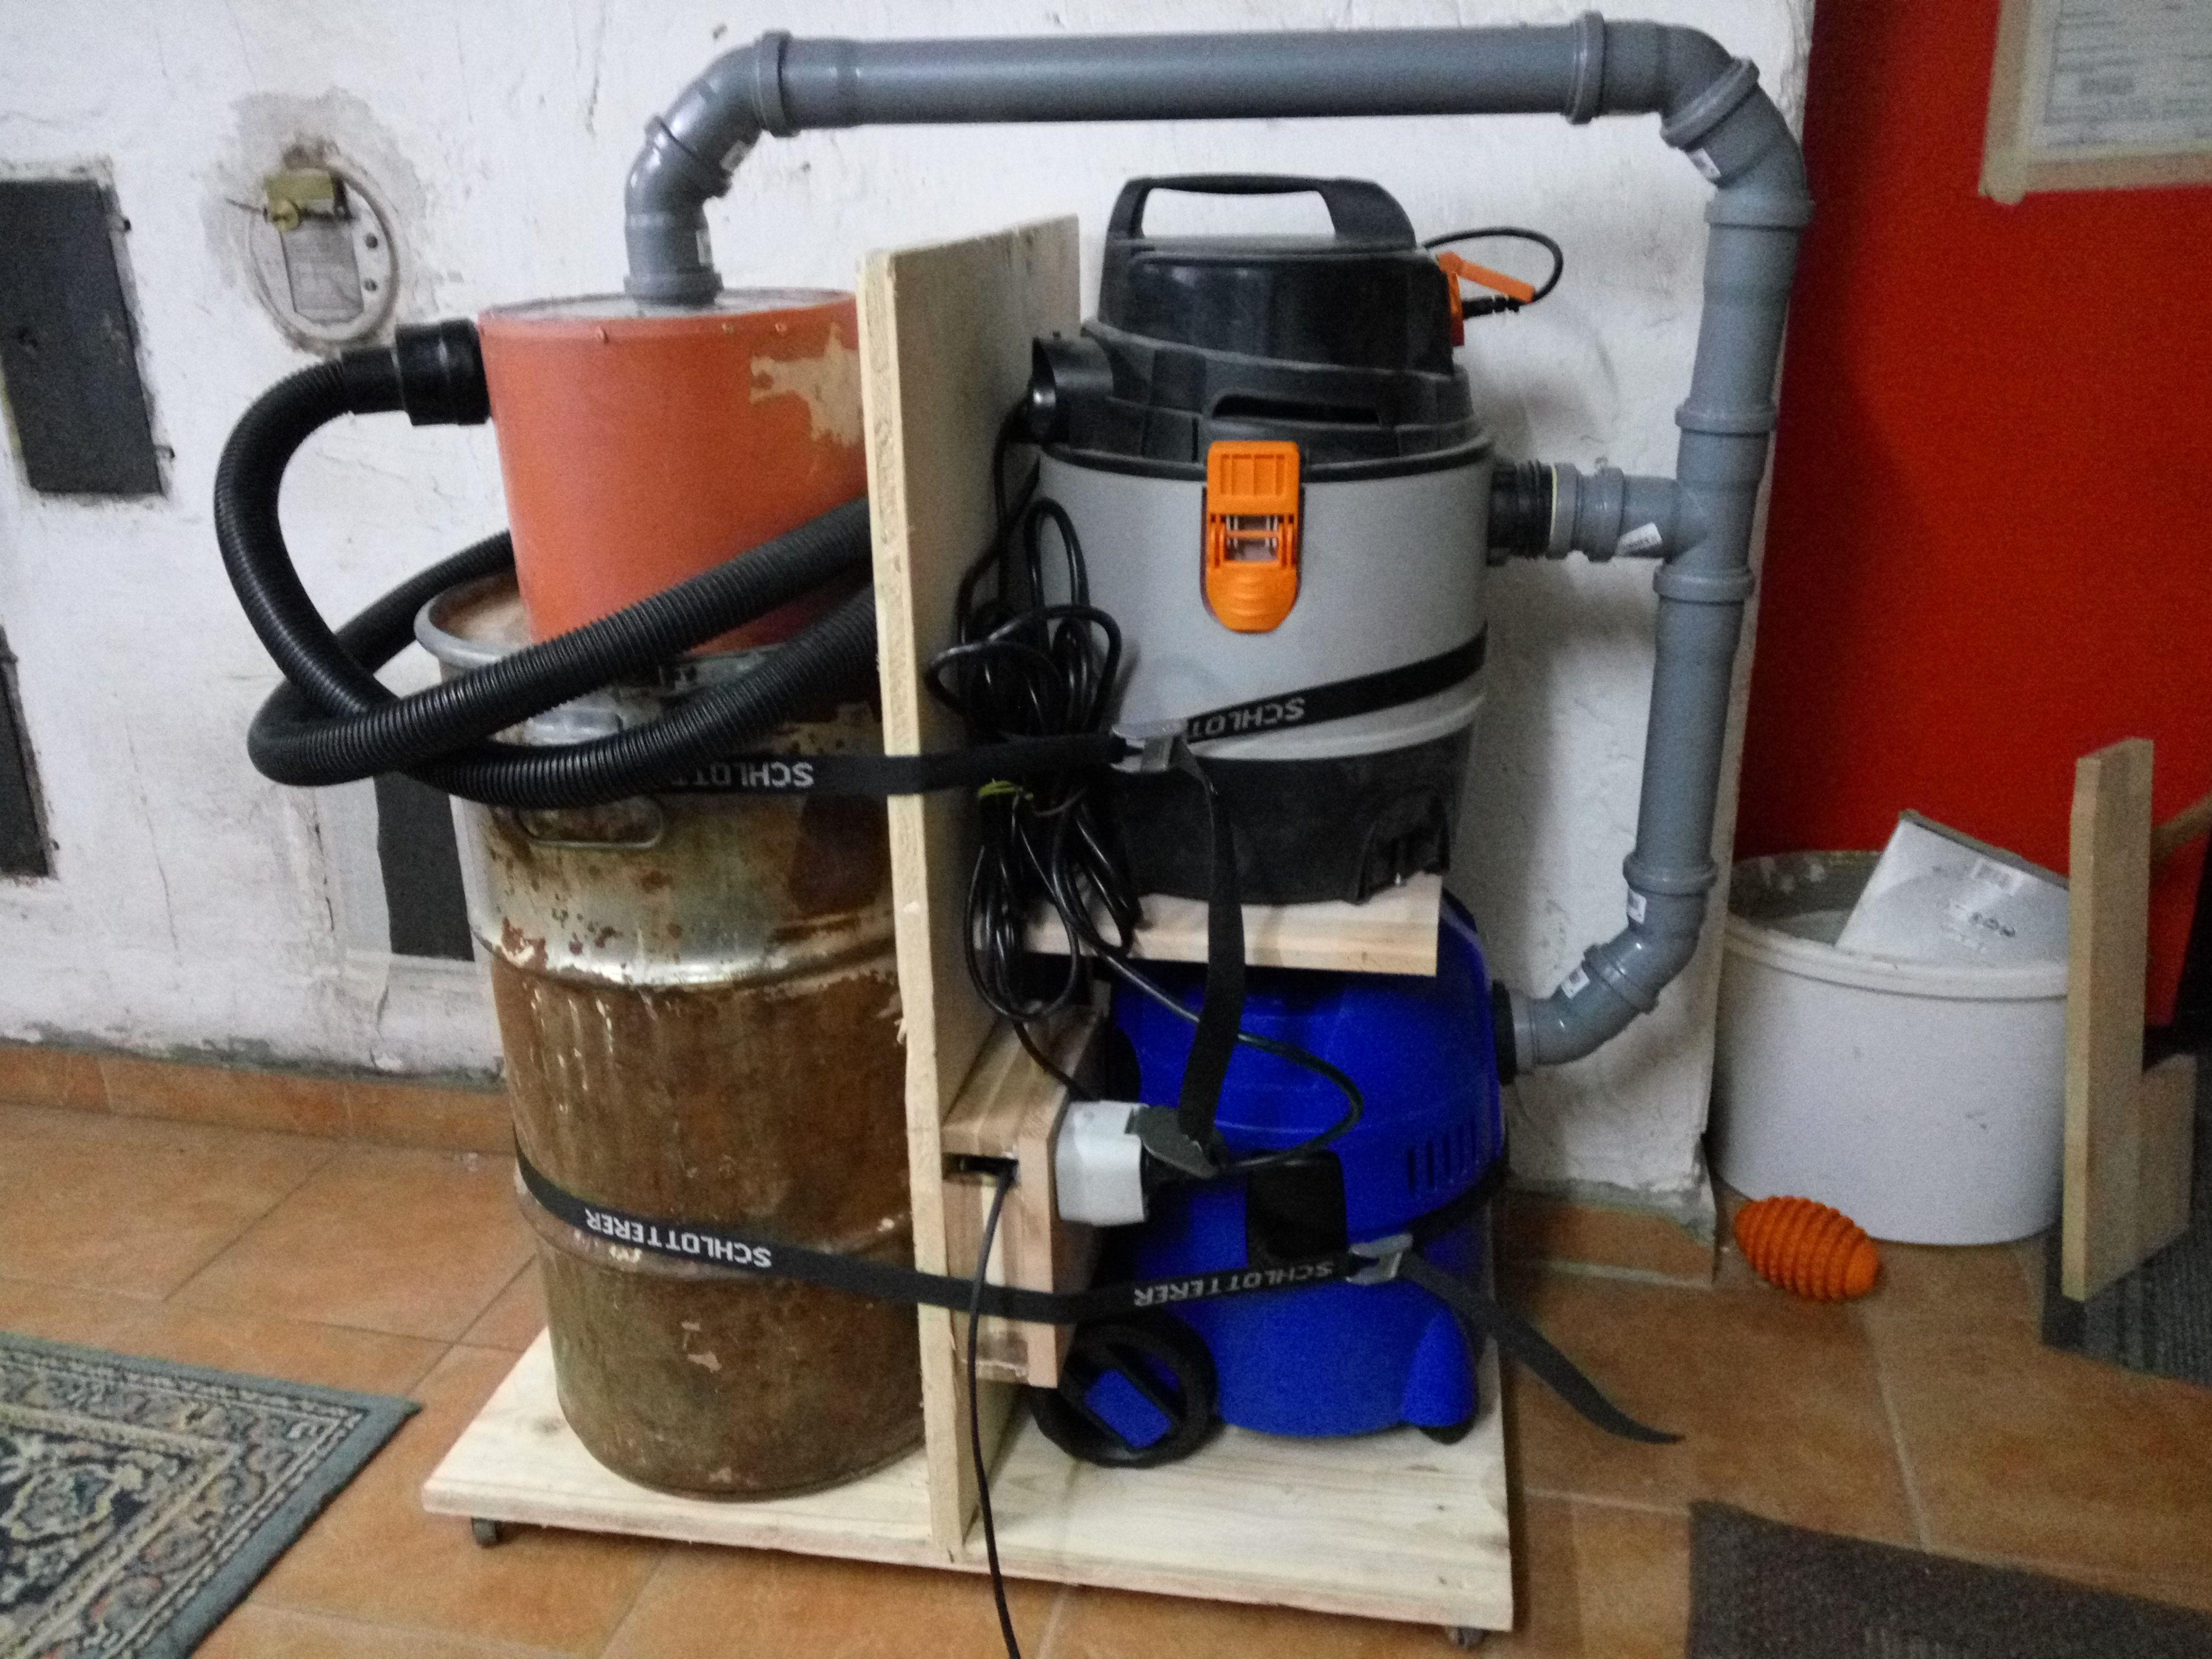 zyklon mit zwei sauger Bauanleitung zum selber bauen